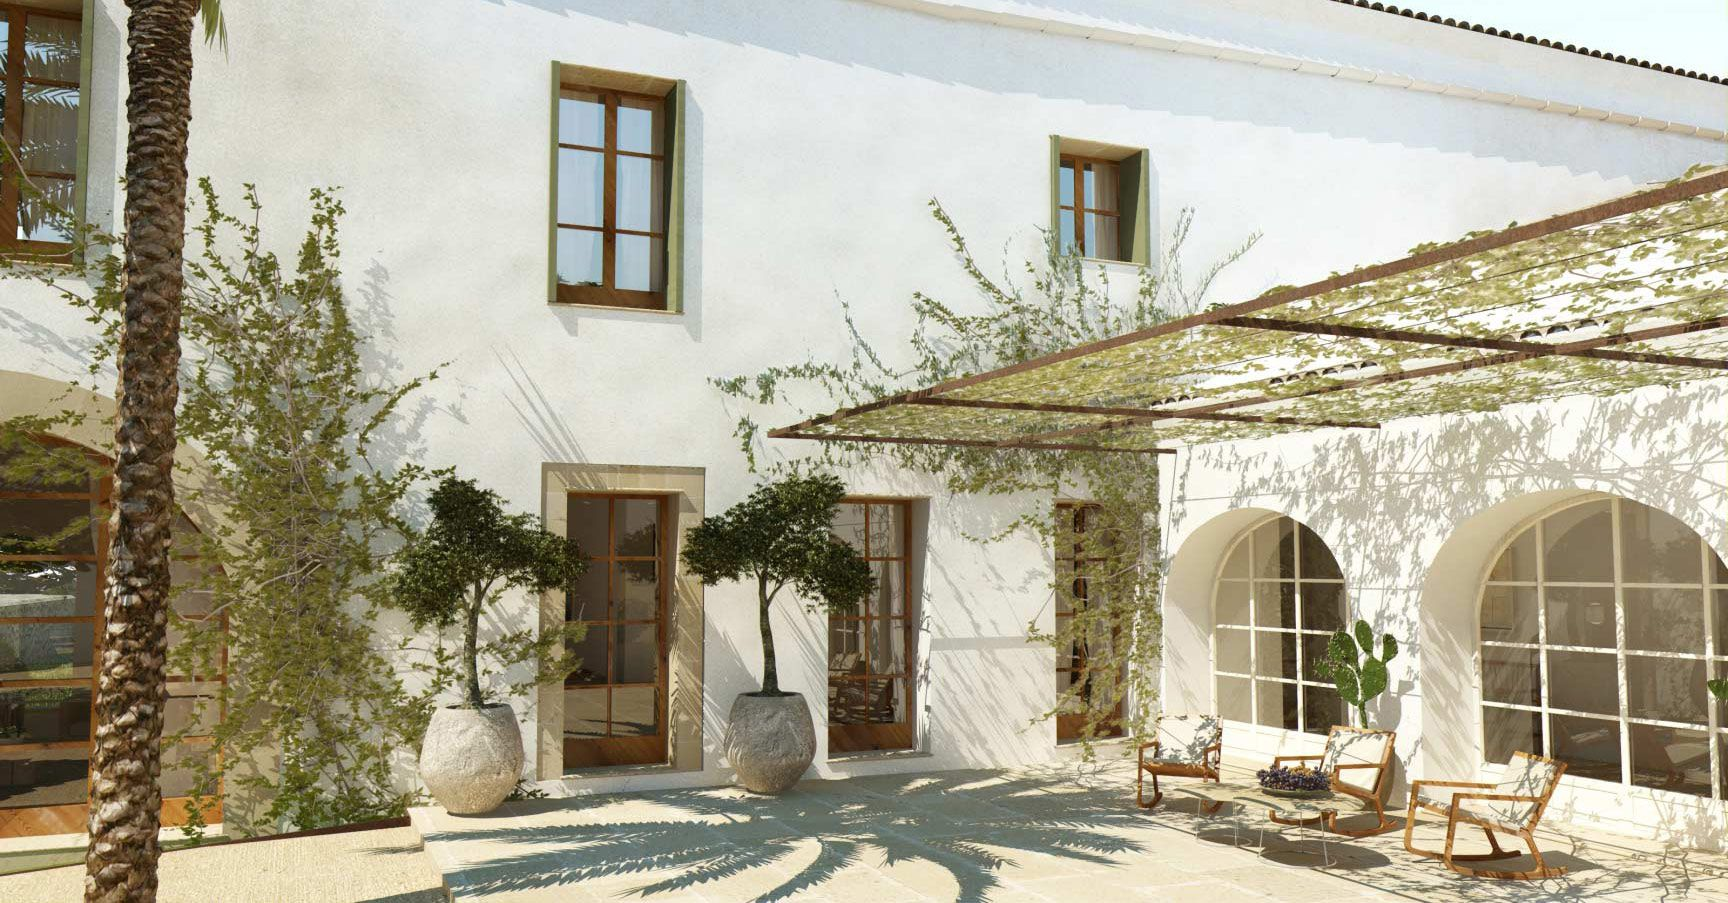 Gallery | Menorca hotels, Luxury boutique hotel, Menorca